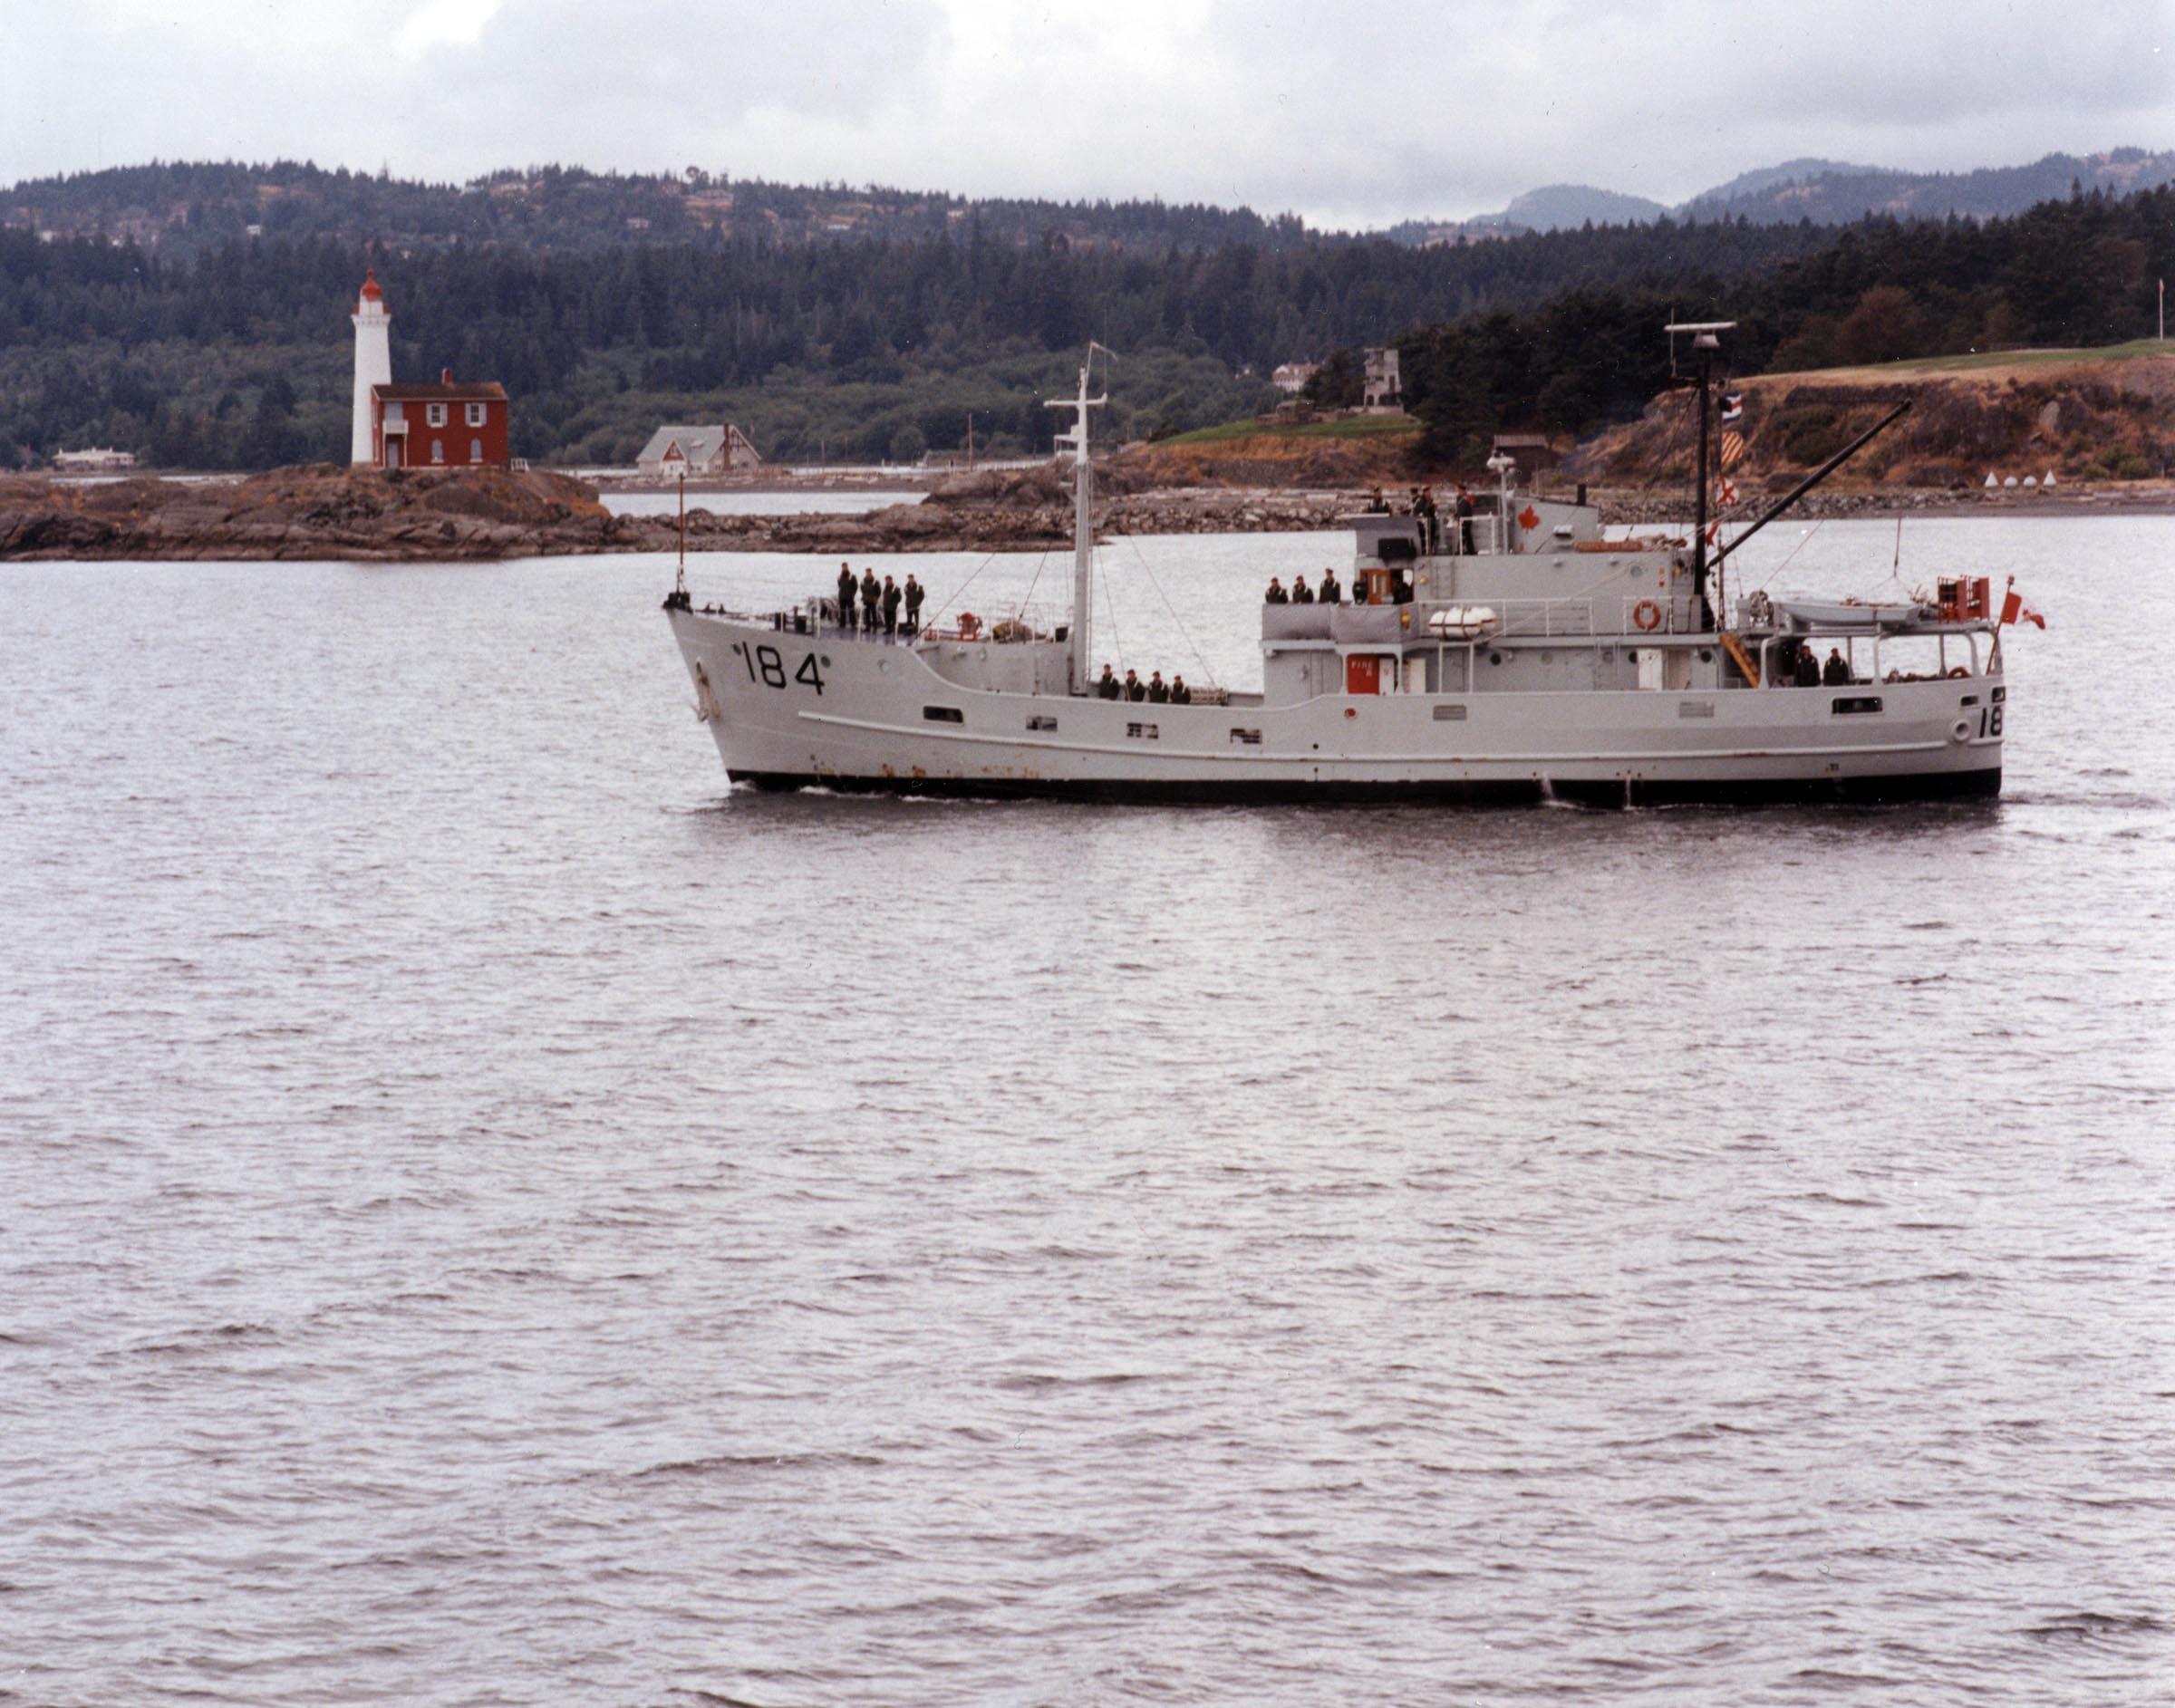 HMCS PORTE DE LA REINE